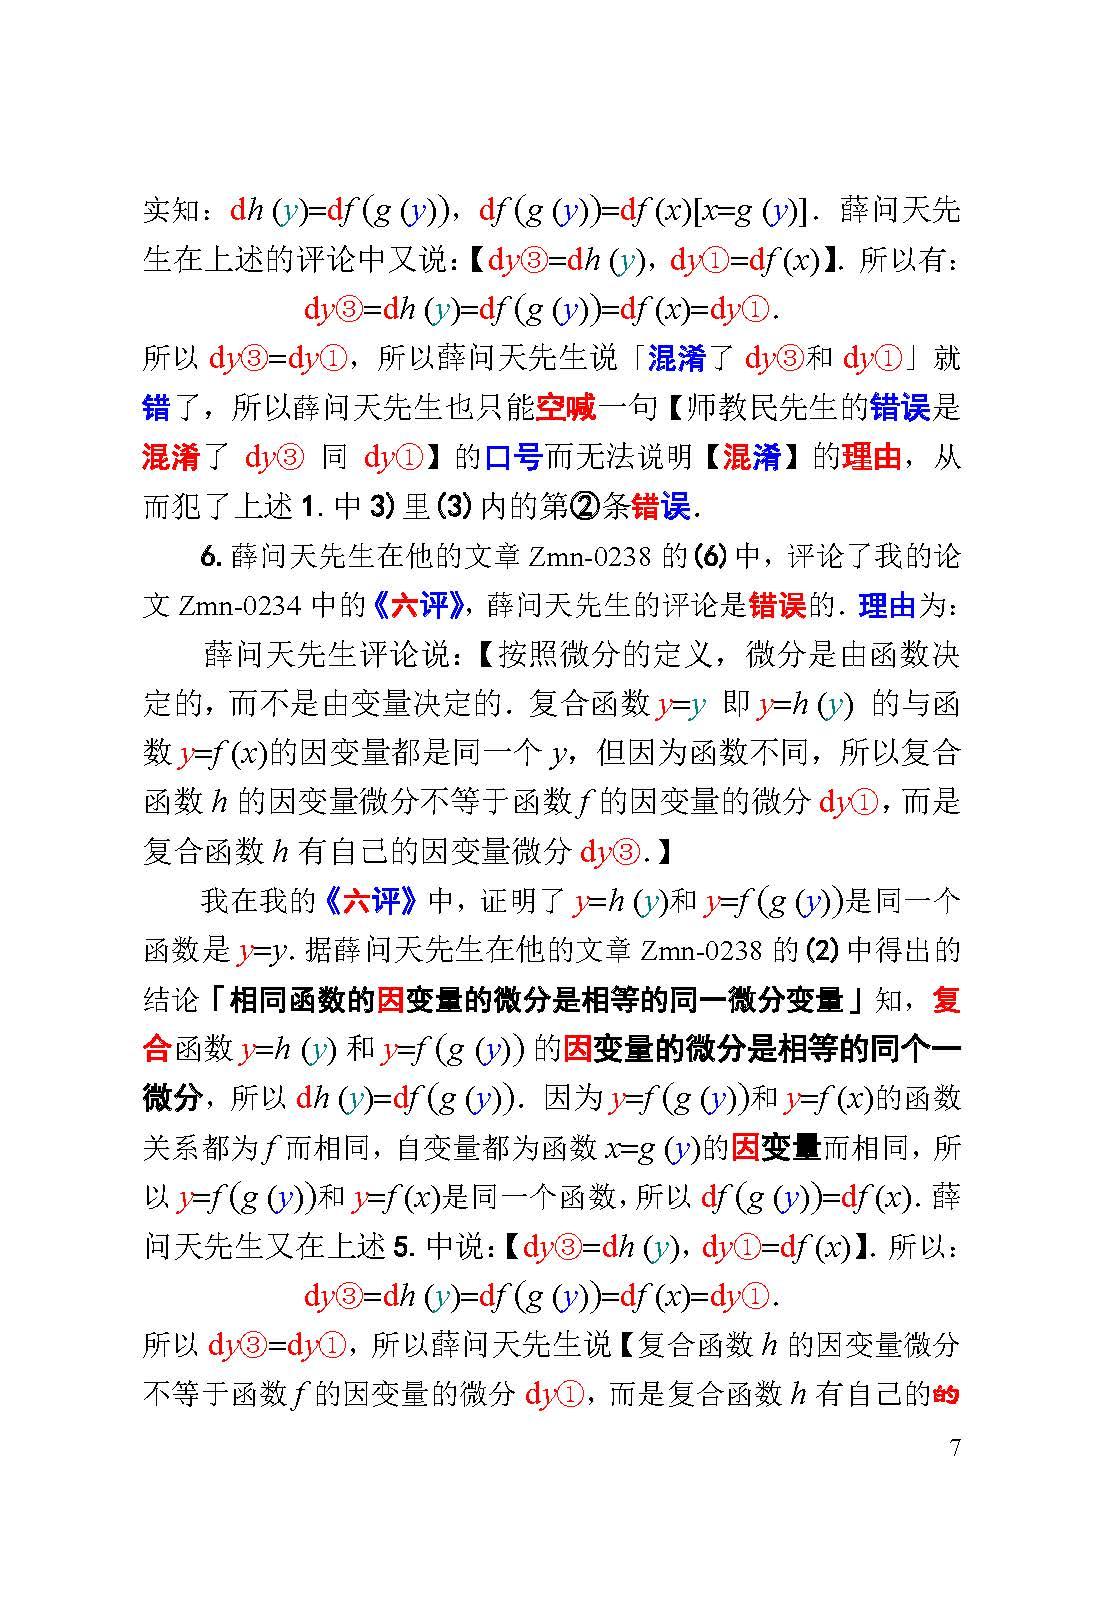 36_07.jpg